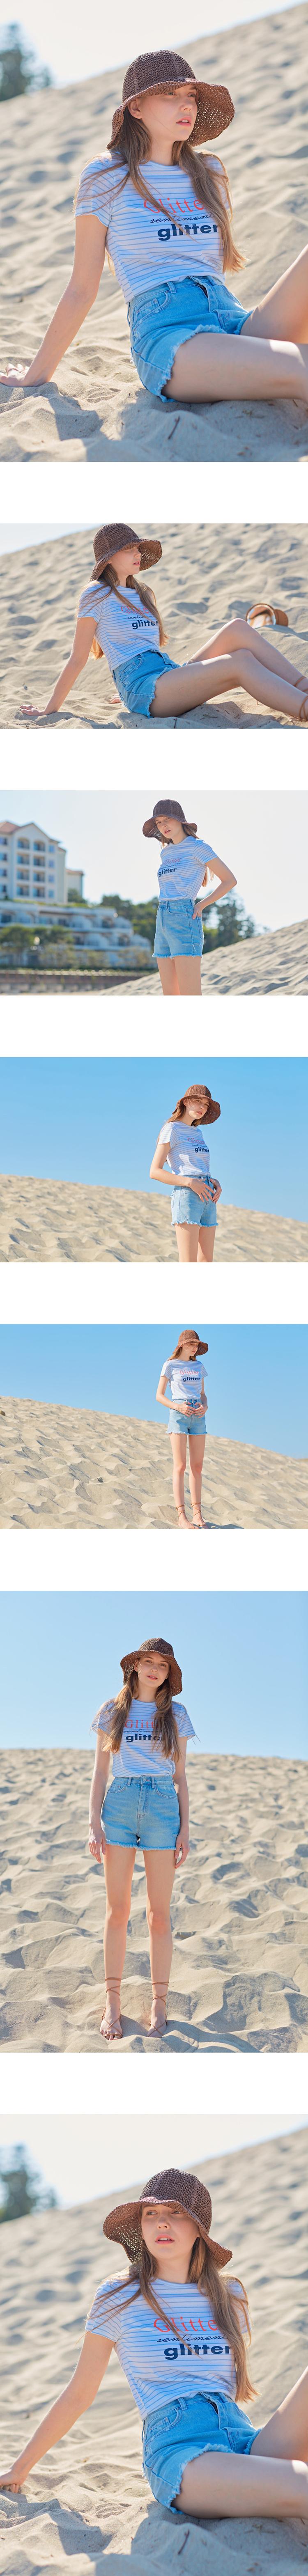 몬츠(MONTS) monts717 glitter lettering t-shirt